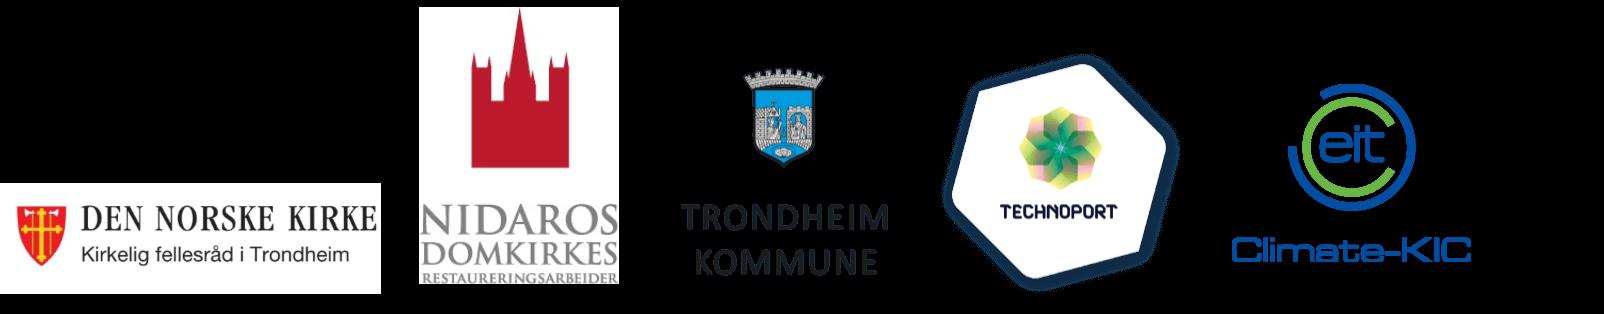 miljoeverter trondheim kommune